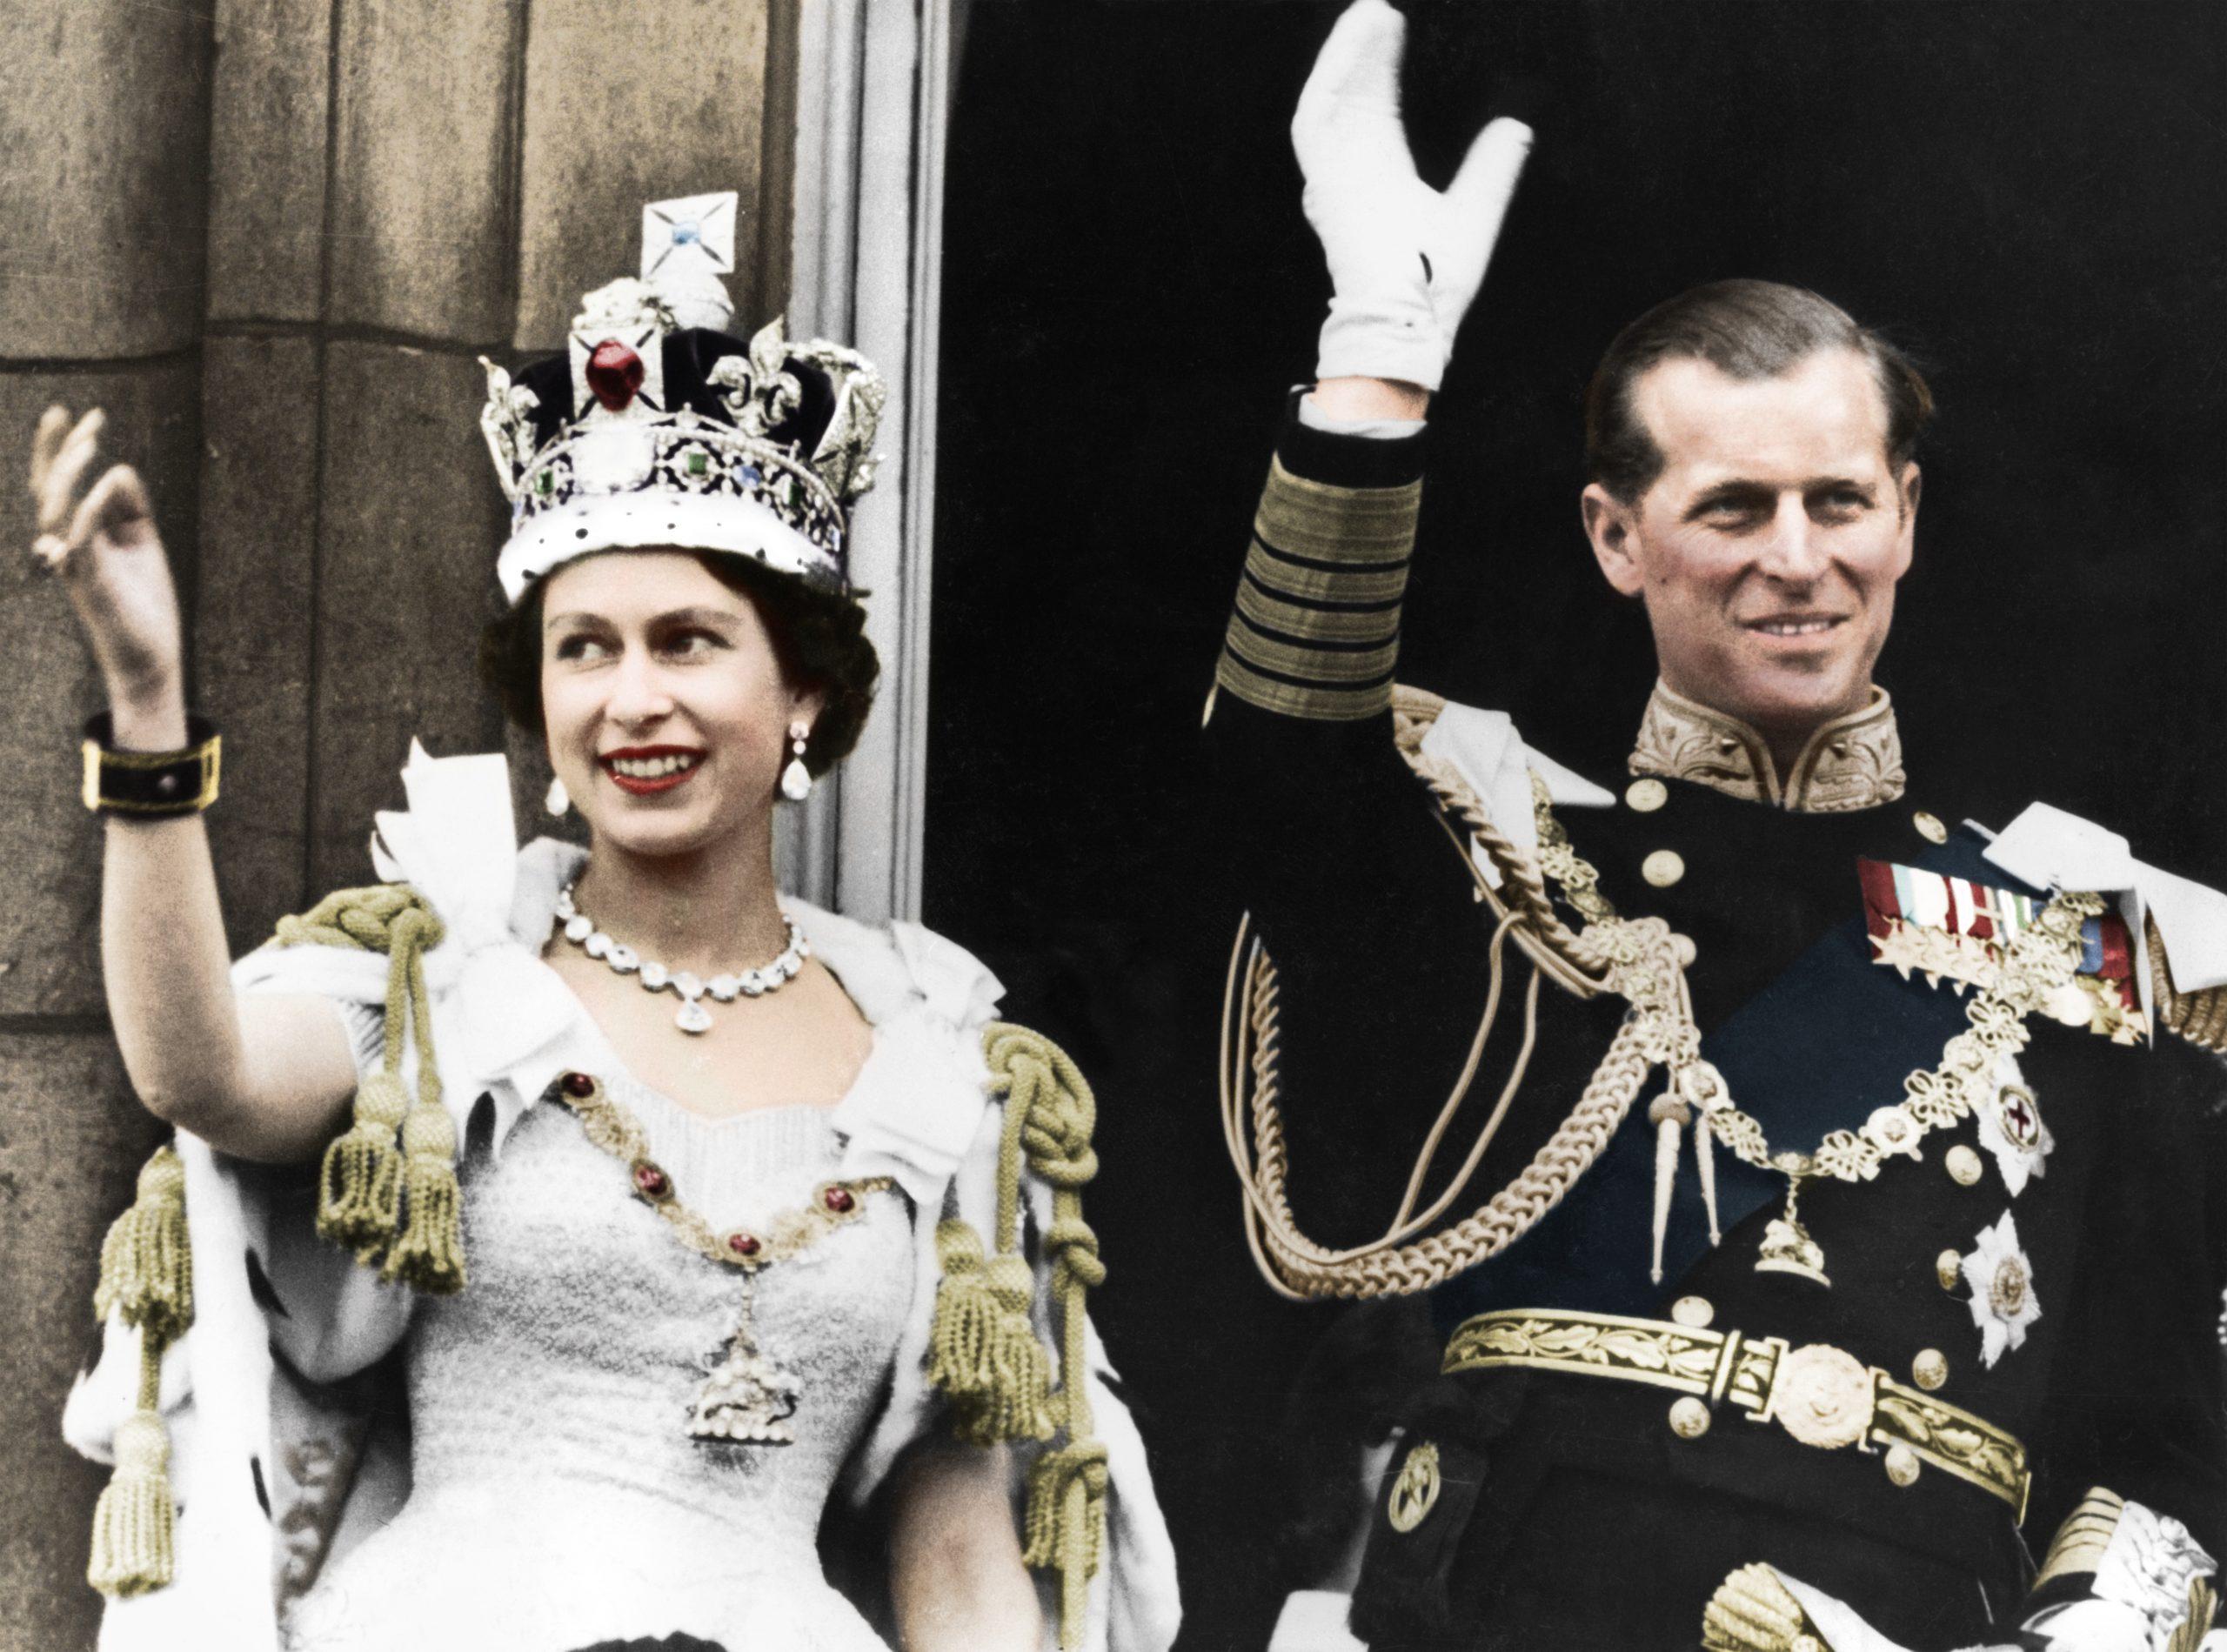 La reine Elizabeth II et le duc d'Édimbourg le jour du couronnement de Sa Majesté.